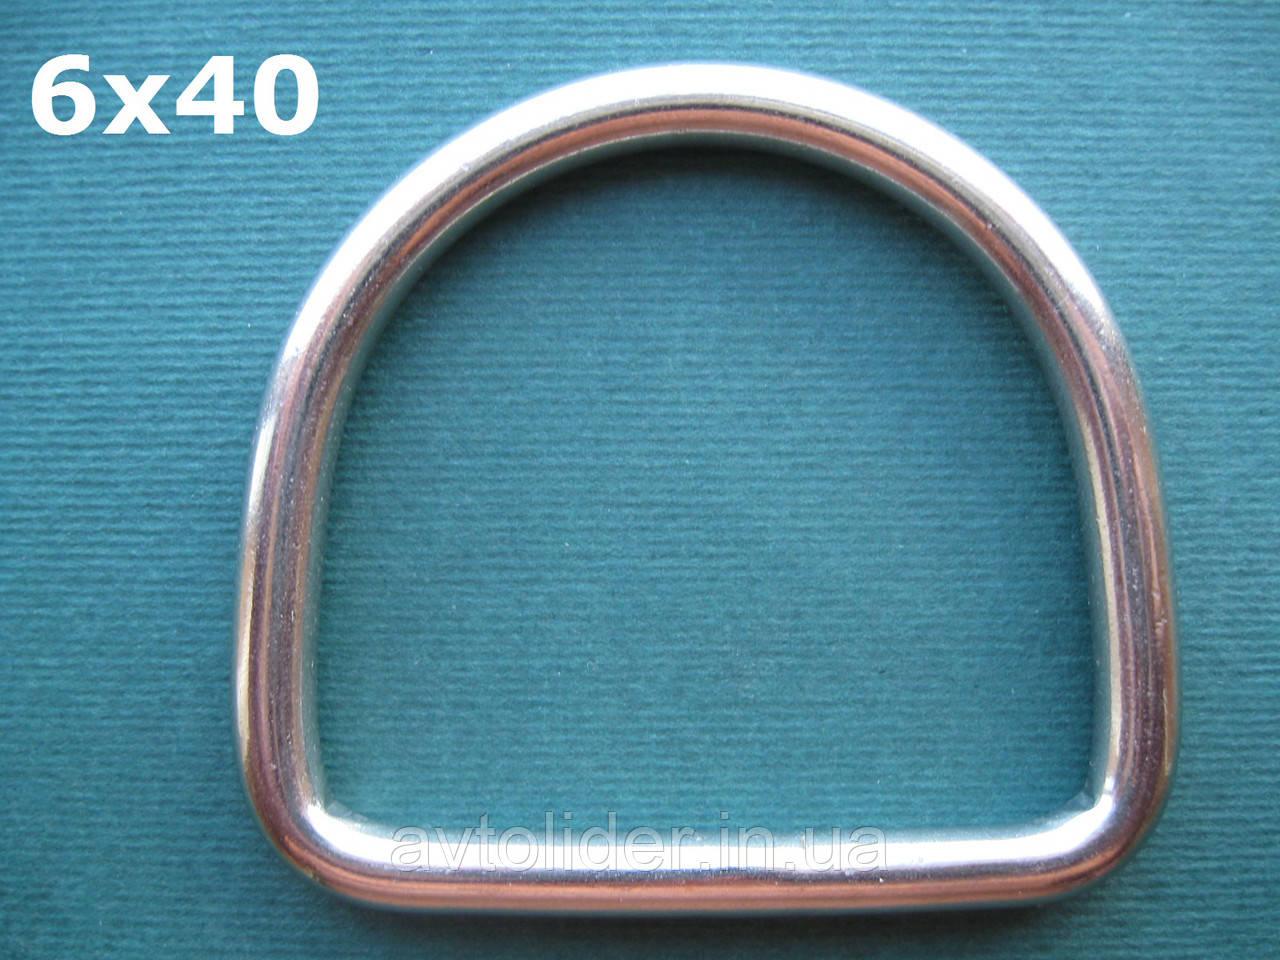 Нержавеющее кольцо D-образное, 6х40 мм